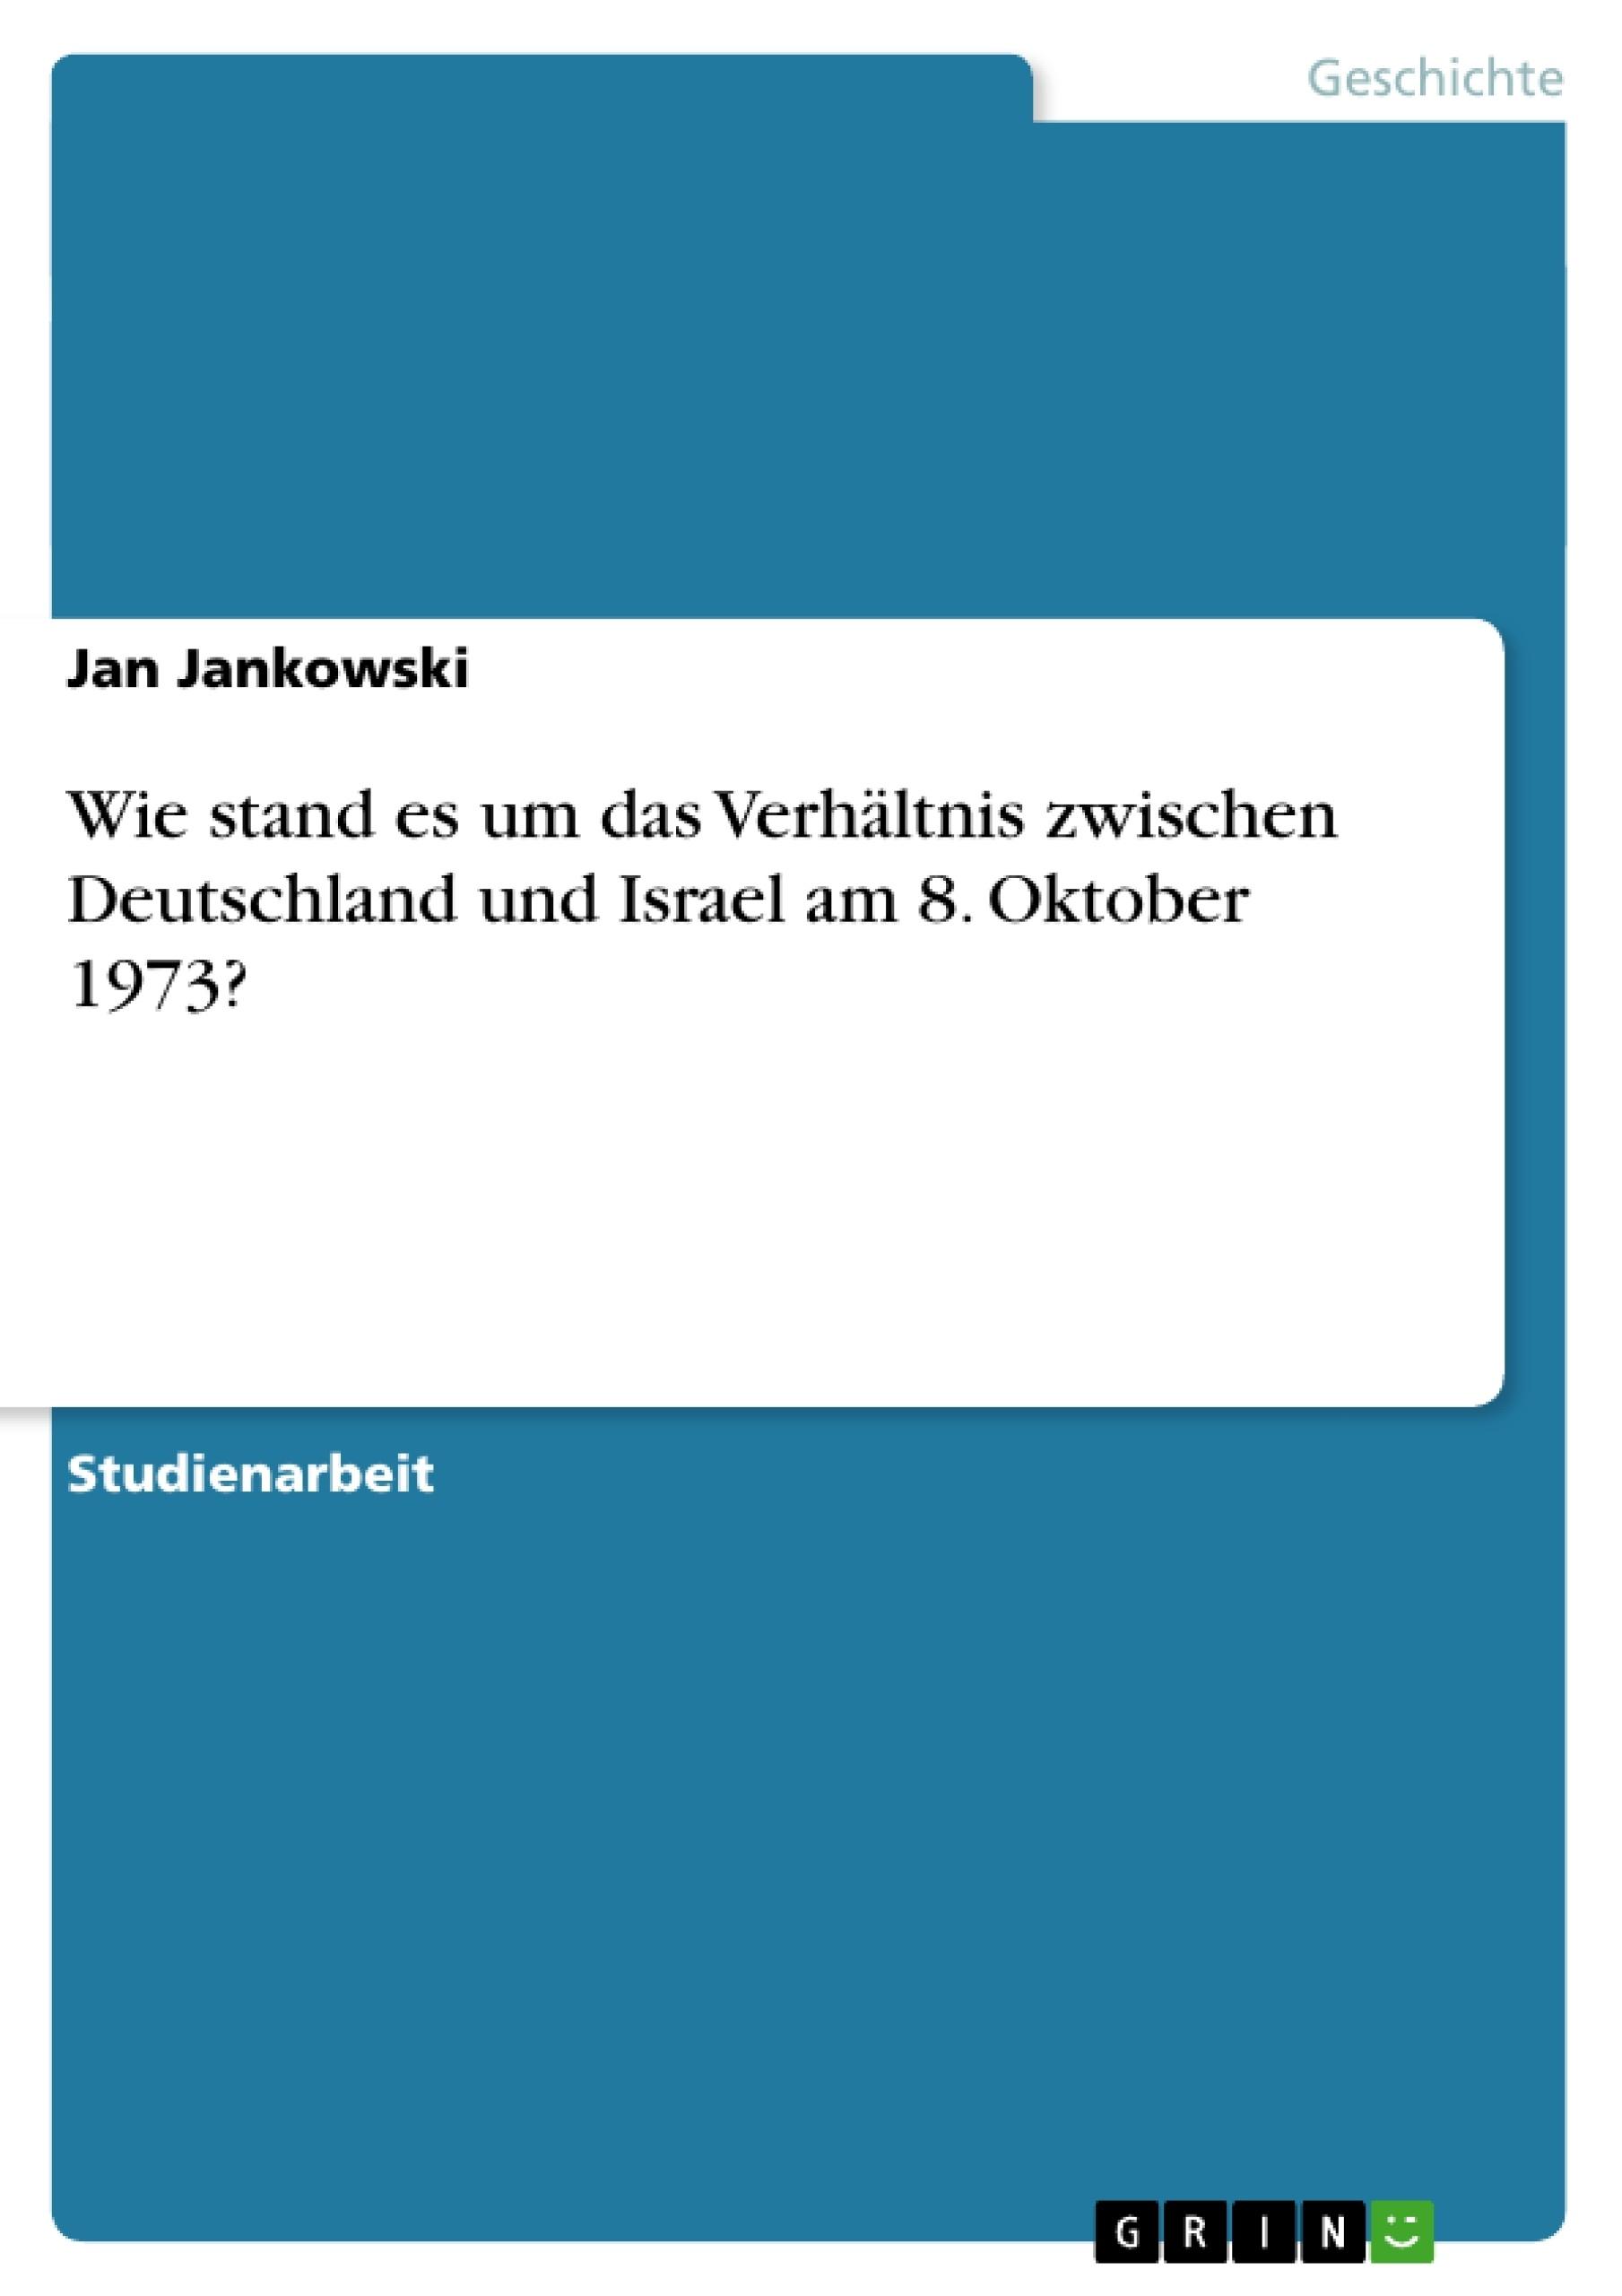 Titel: Wie stand es um das Verhältnis zwischen Deutschland und Israel am 8. Oktober 1973?